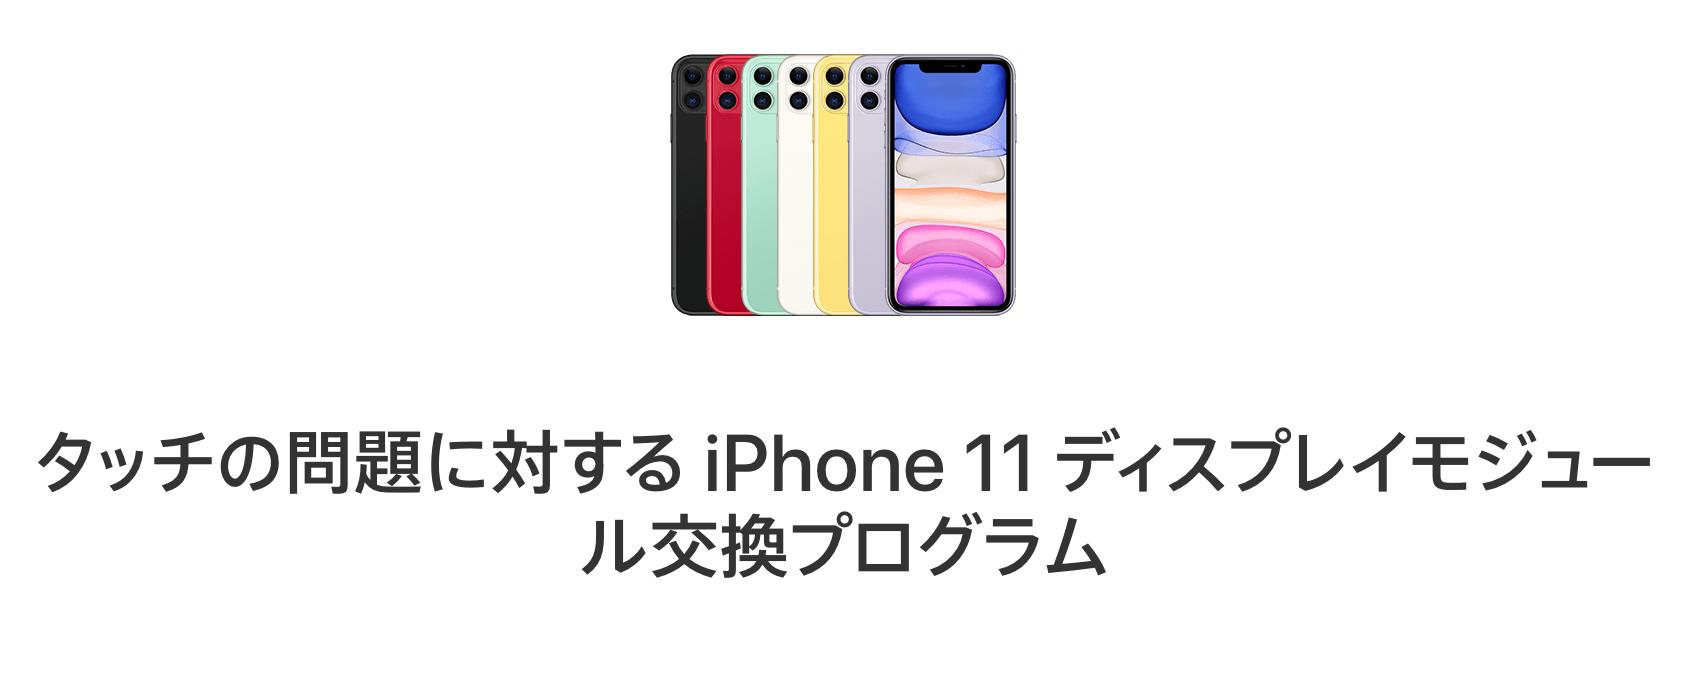 タッチの問題に対する iPhone 11 ディスプレイモジュール交換プログラム - Apple サポート